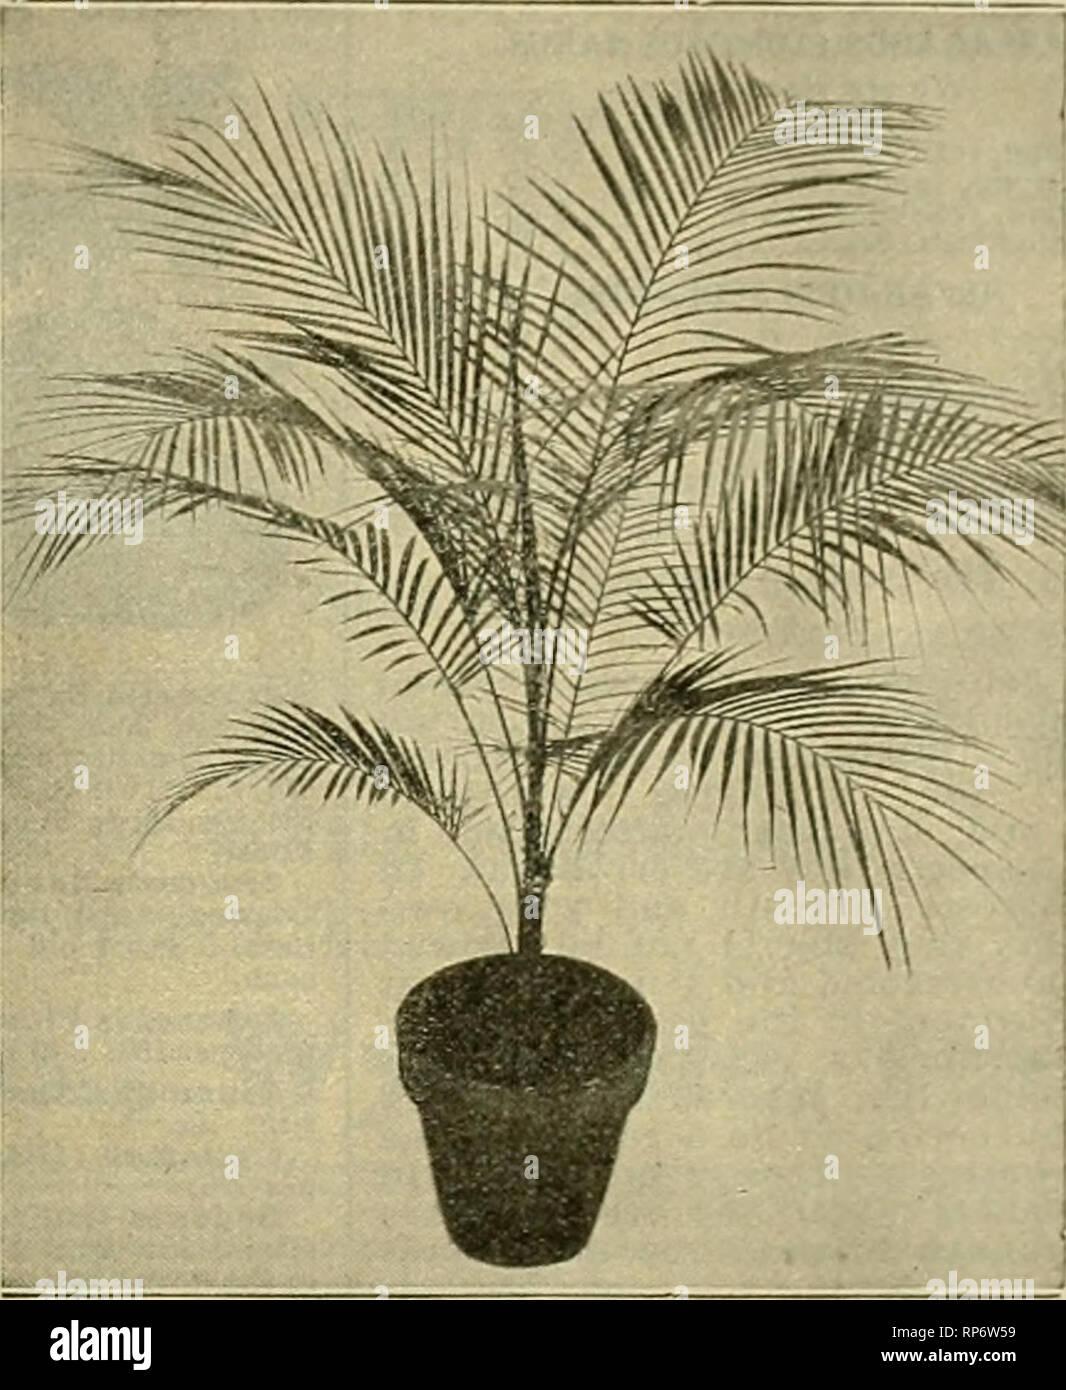 Altura 100-125 cm Planta verde F/ácil mantenimiento Planta de interior Palmera Areca 100 cm, color blanco Planta de interior en maceta